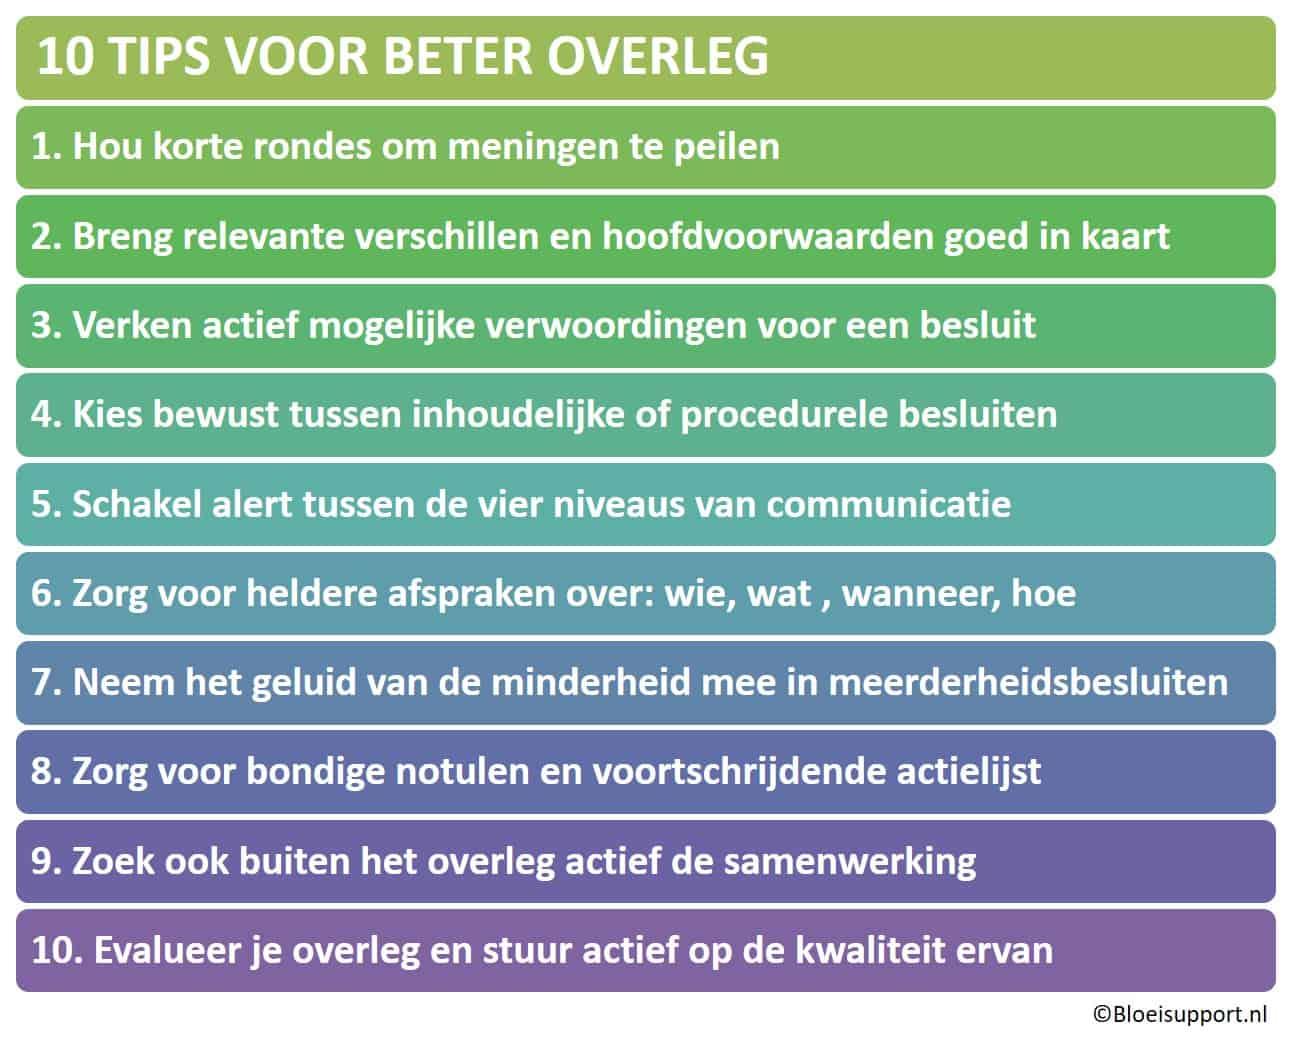 10 tips voor goed overleg - Bloeisupport.nl